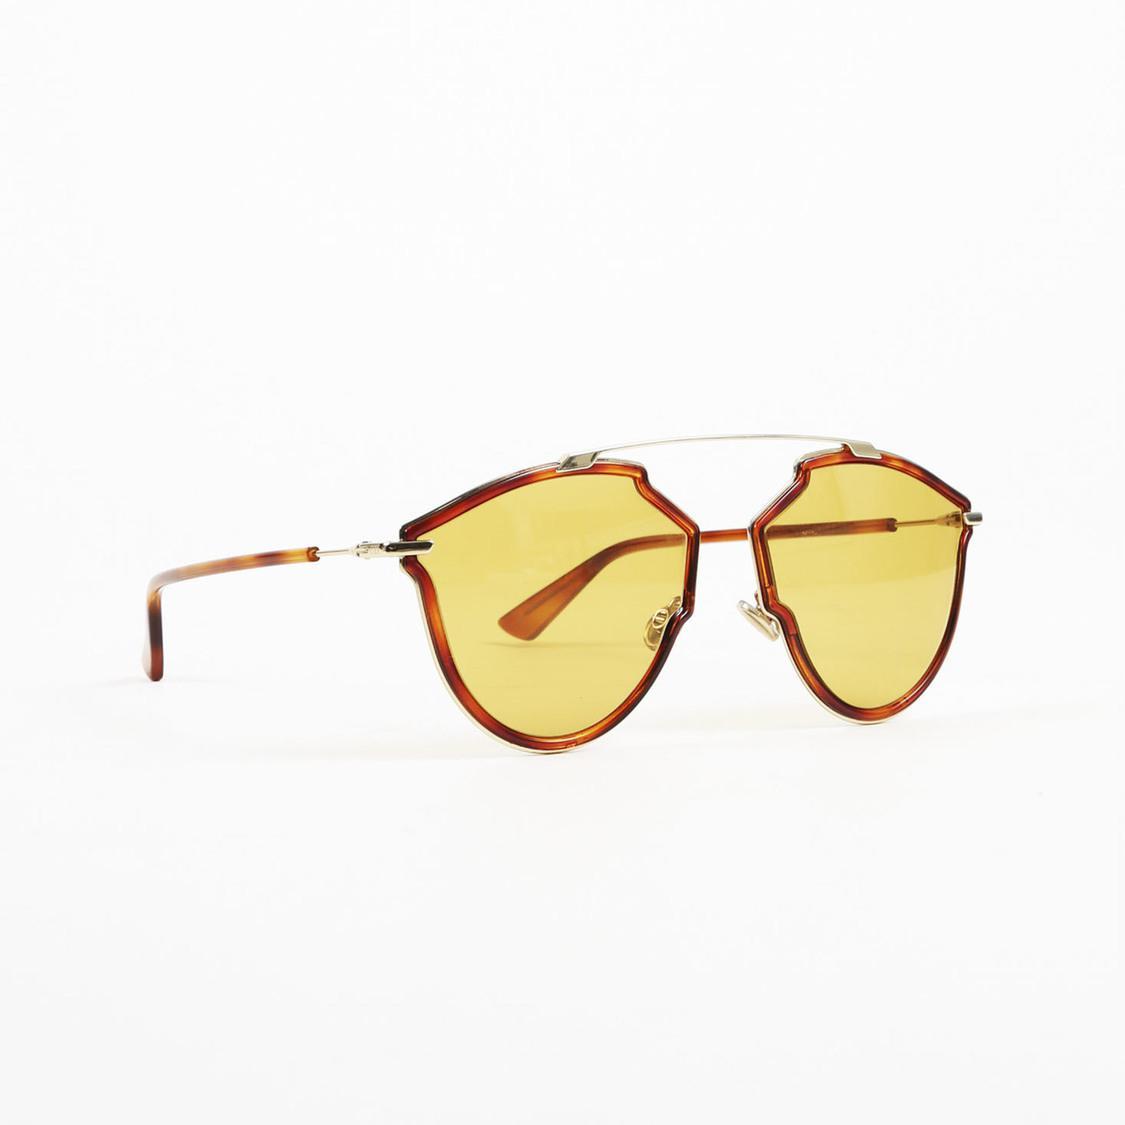 95ba4c57cc1 Lyst - Dior Brown Gold Tone